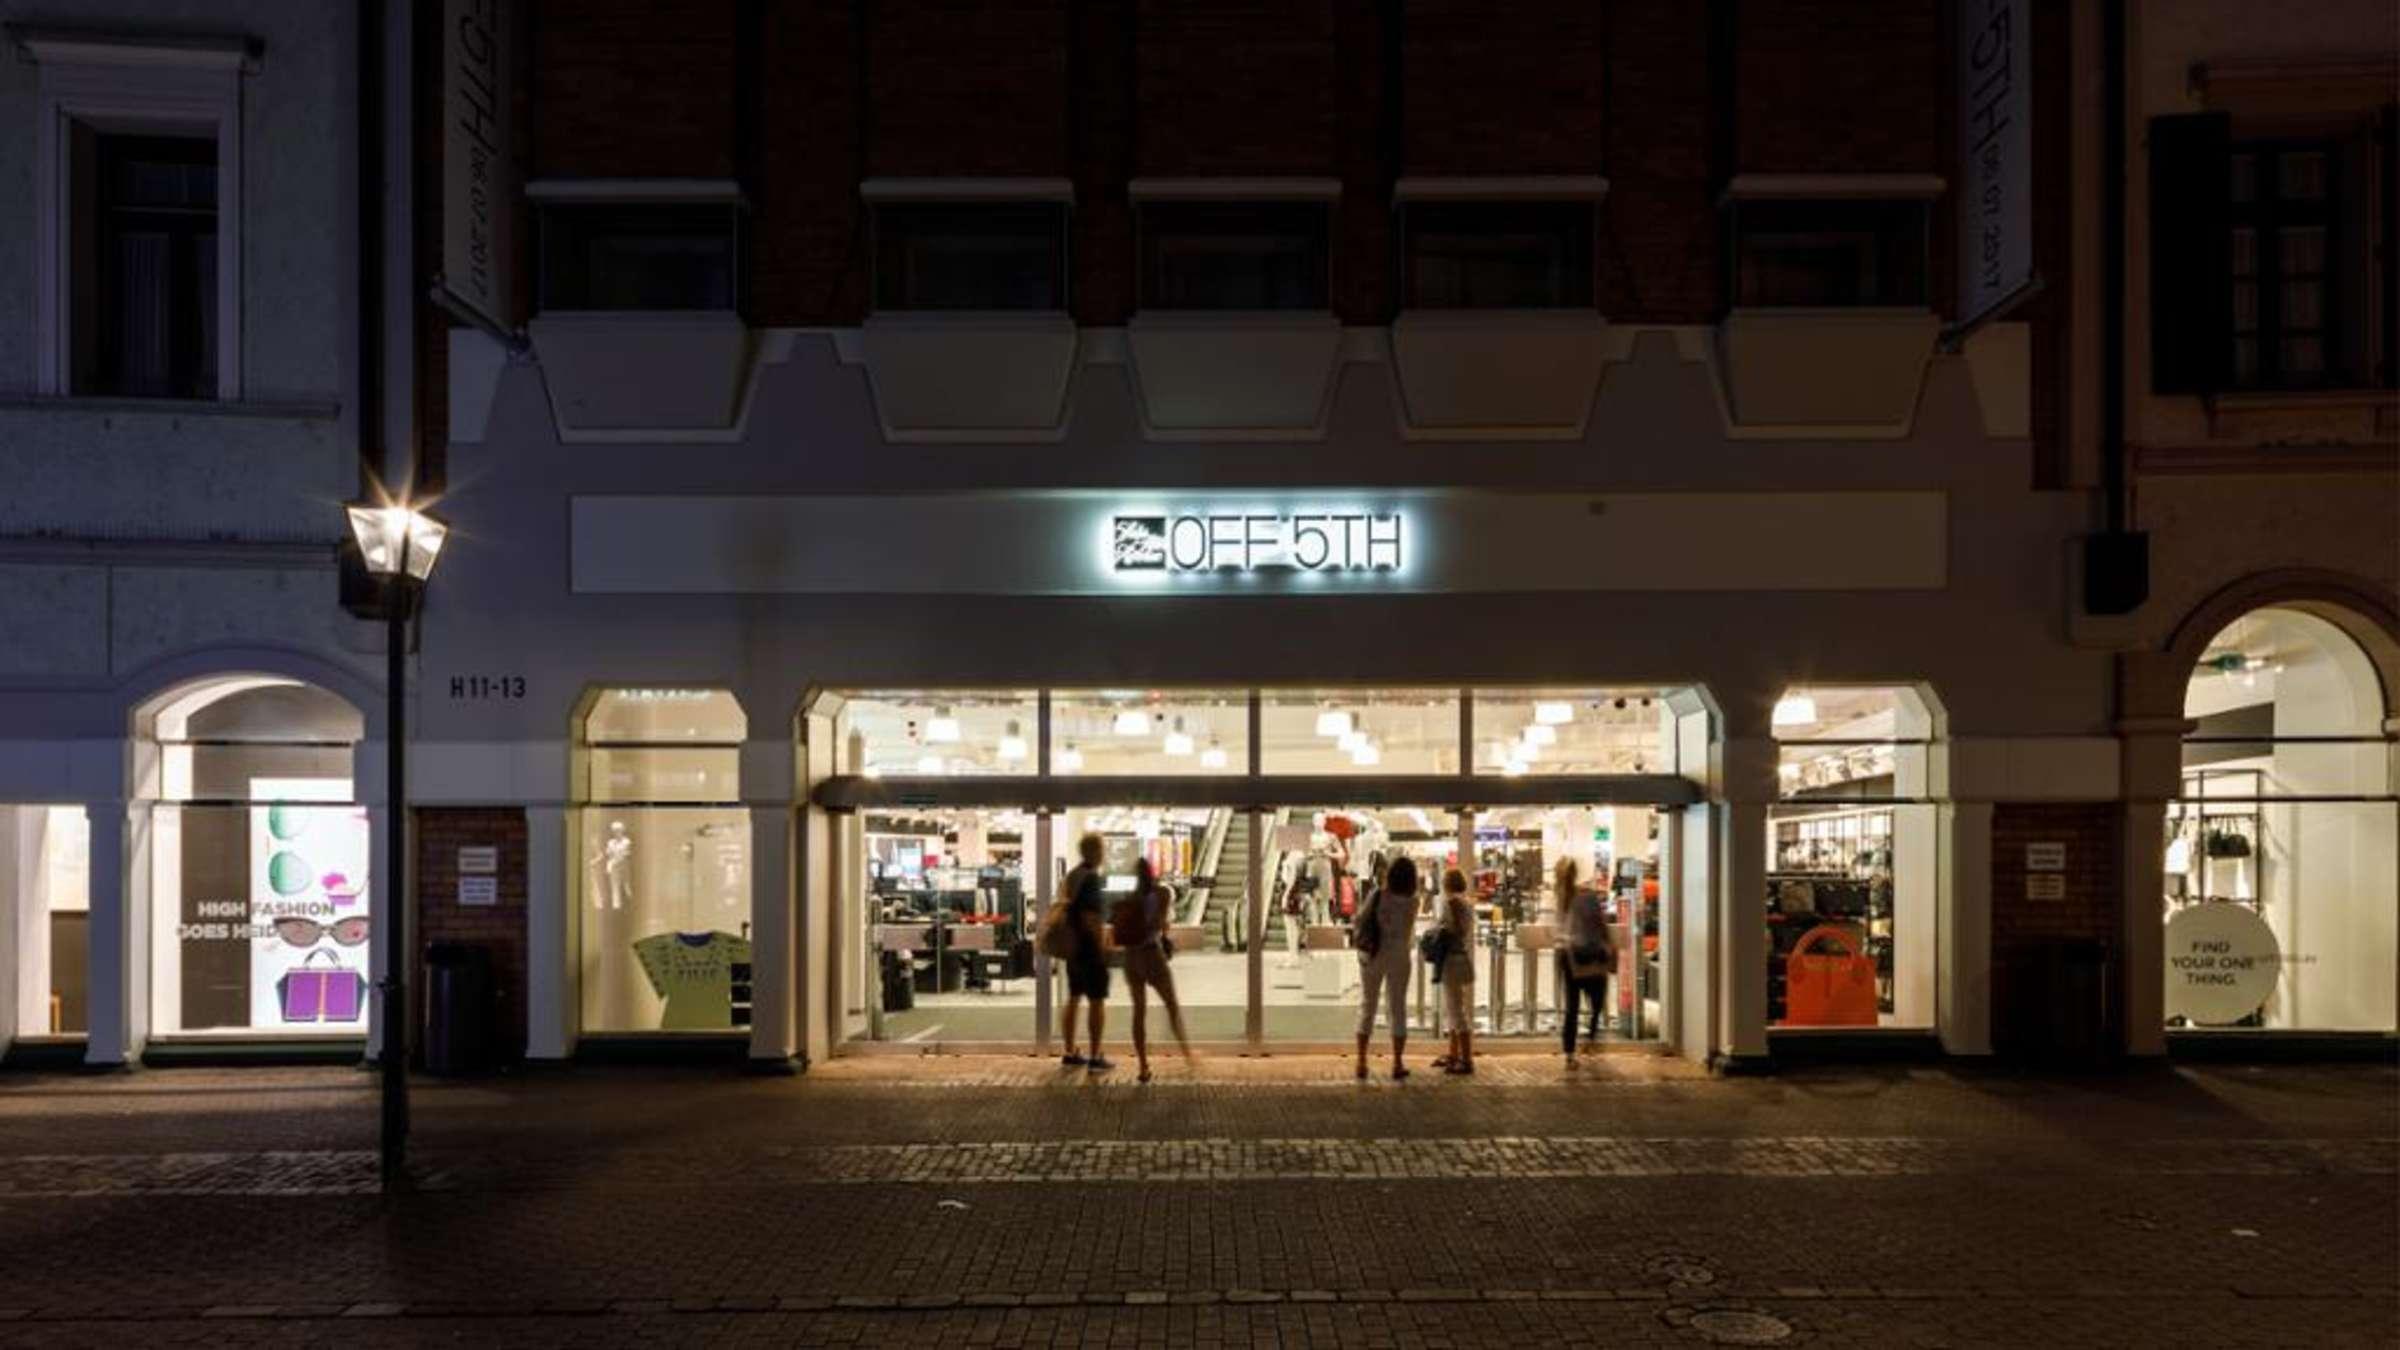 Heidelberg Altstadt: Saks off 5th wird geschlossen neuer